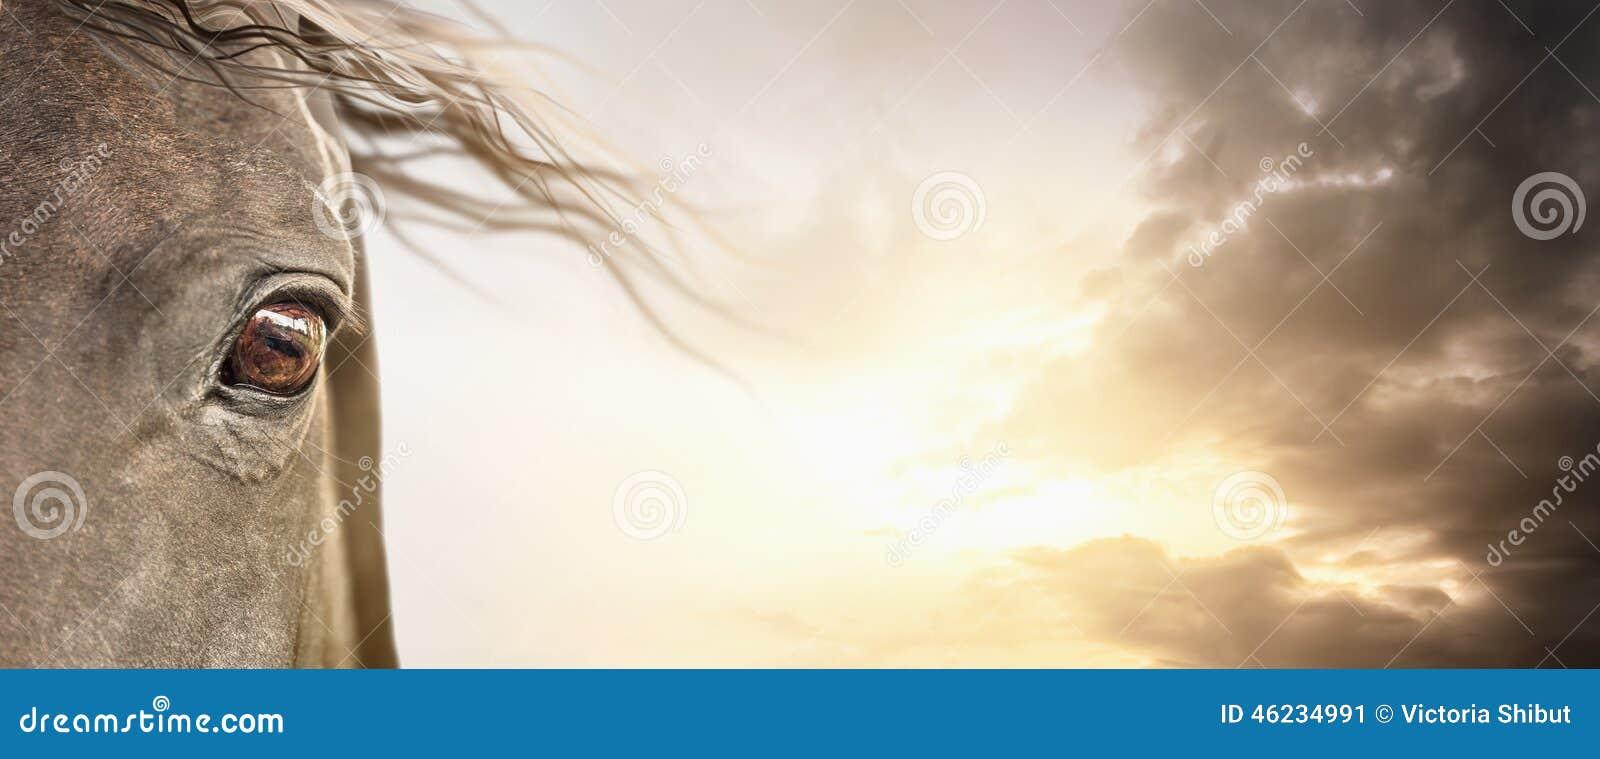 马的眼睛与鬃毛的在多云天空,横幅